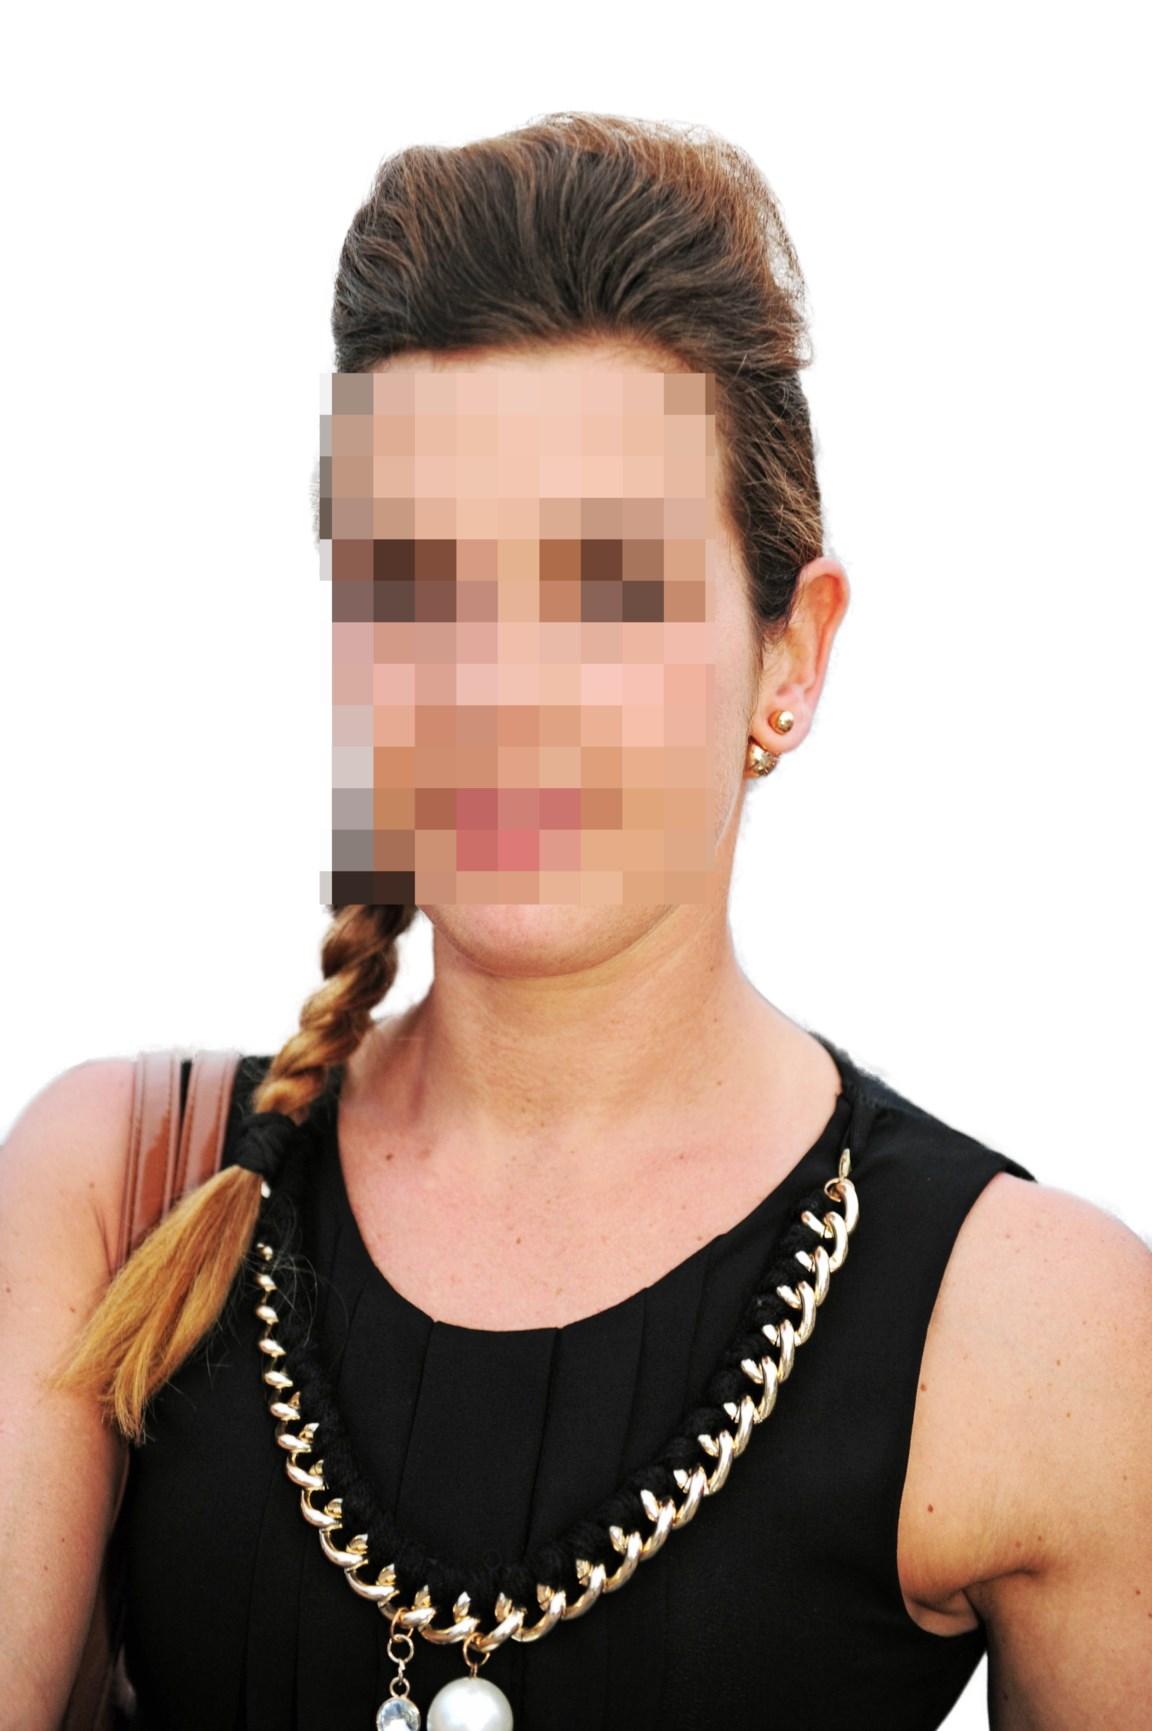 Anick Berghmans plofkraak lommel: parket wil ex-schepen voor rechter (lommel